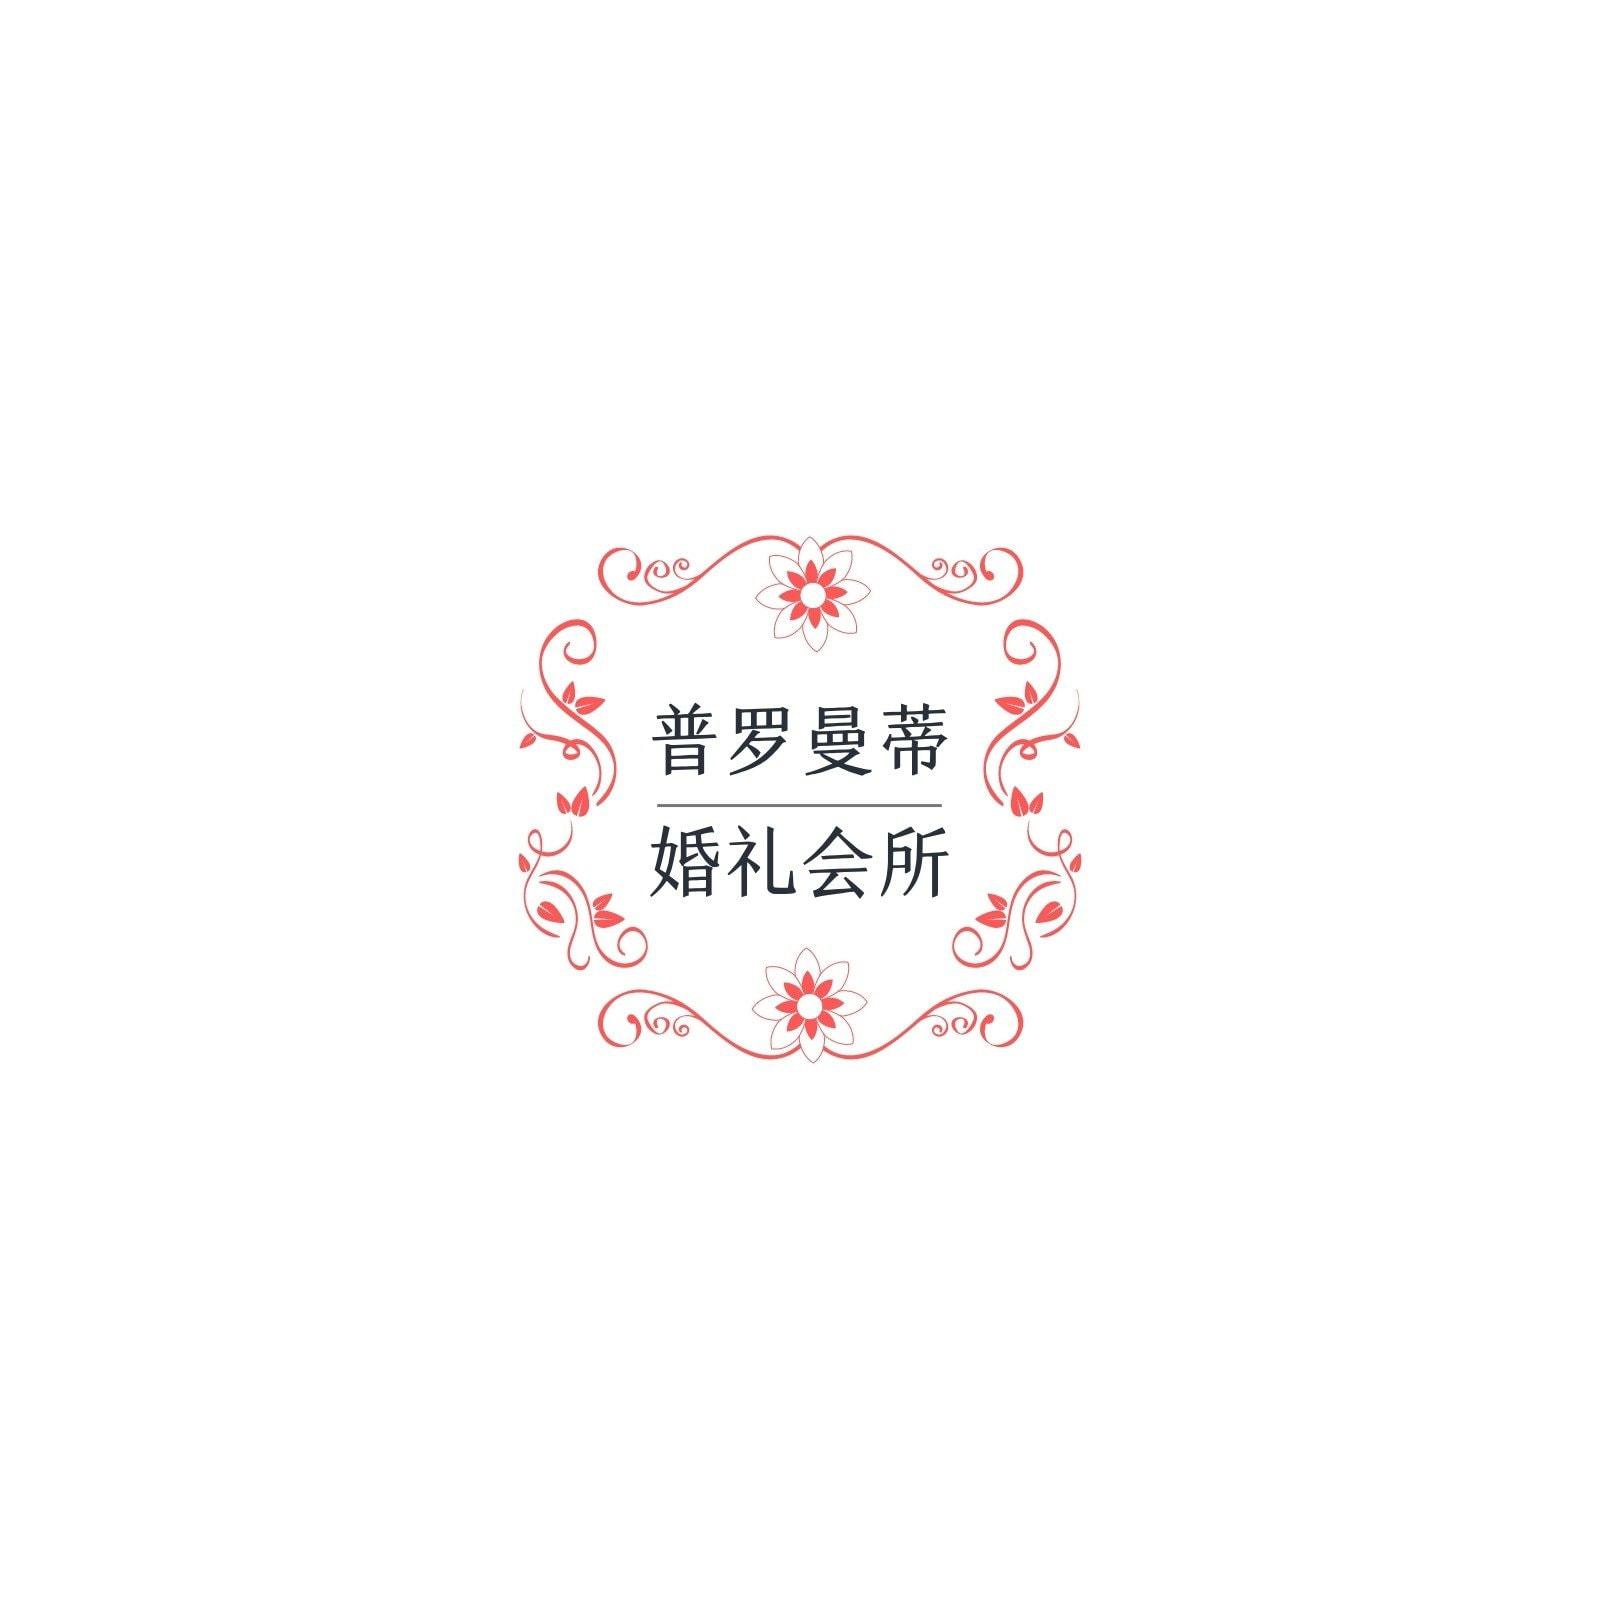 红色花纹婚庆公司logo简约婚礼中文logo